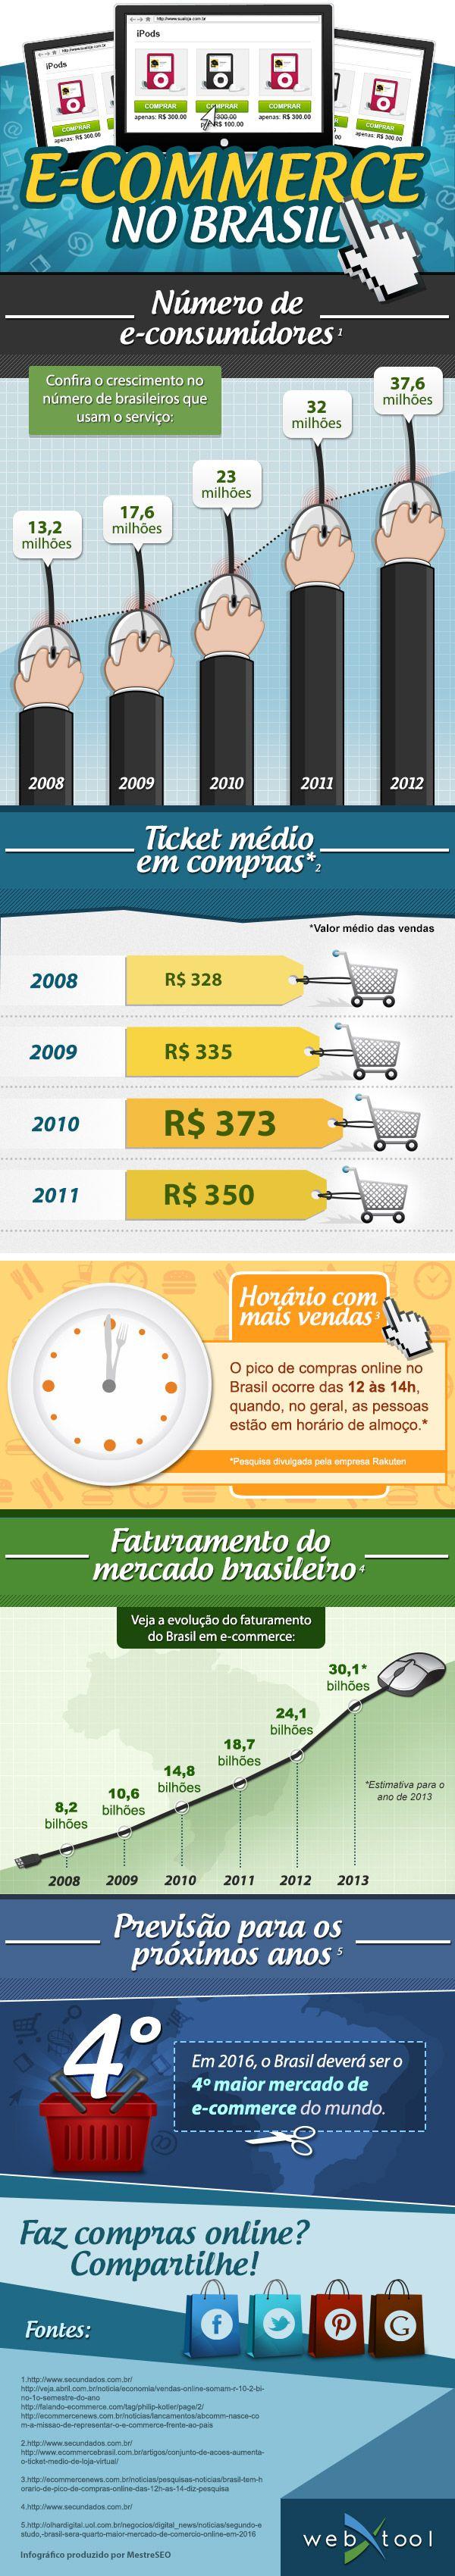 Novos números sobre o E-commerce no Brasil em 2012 – Infográfico